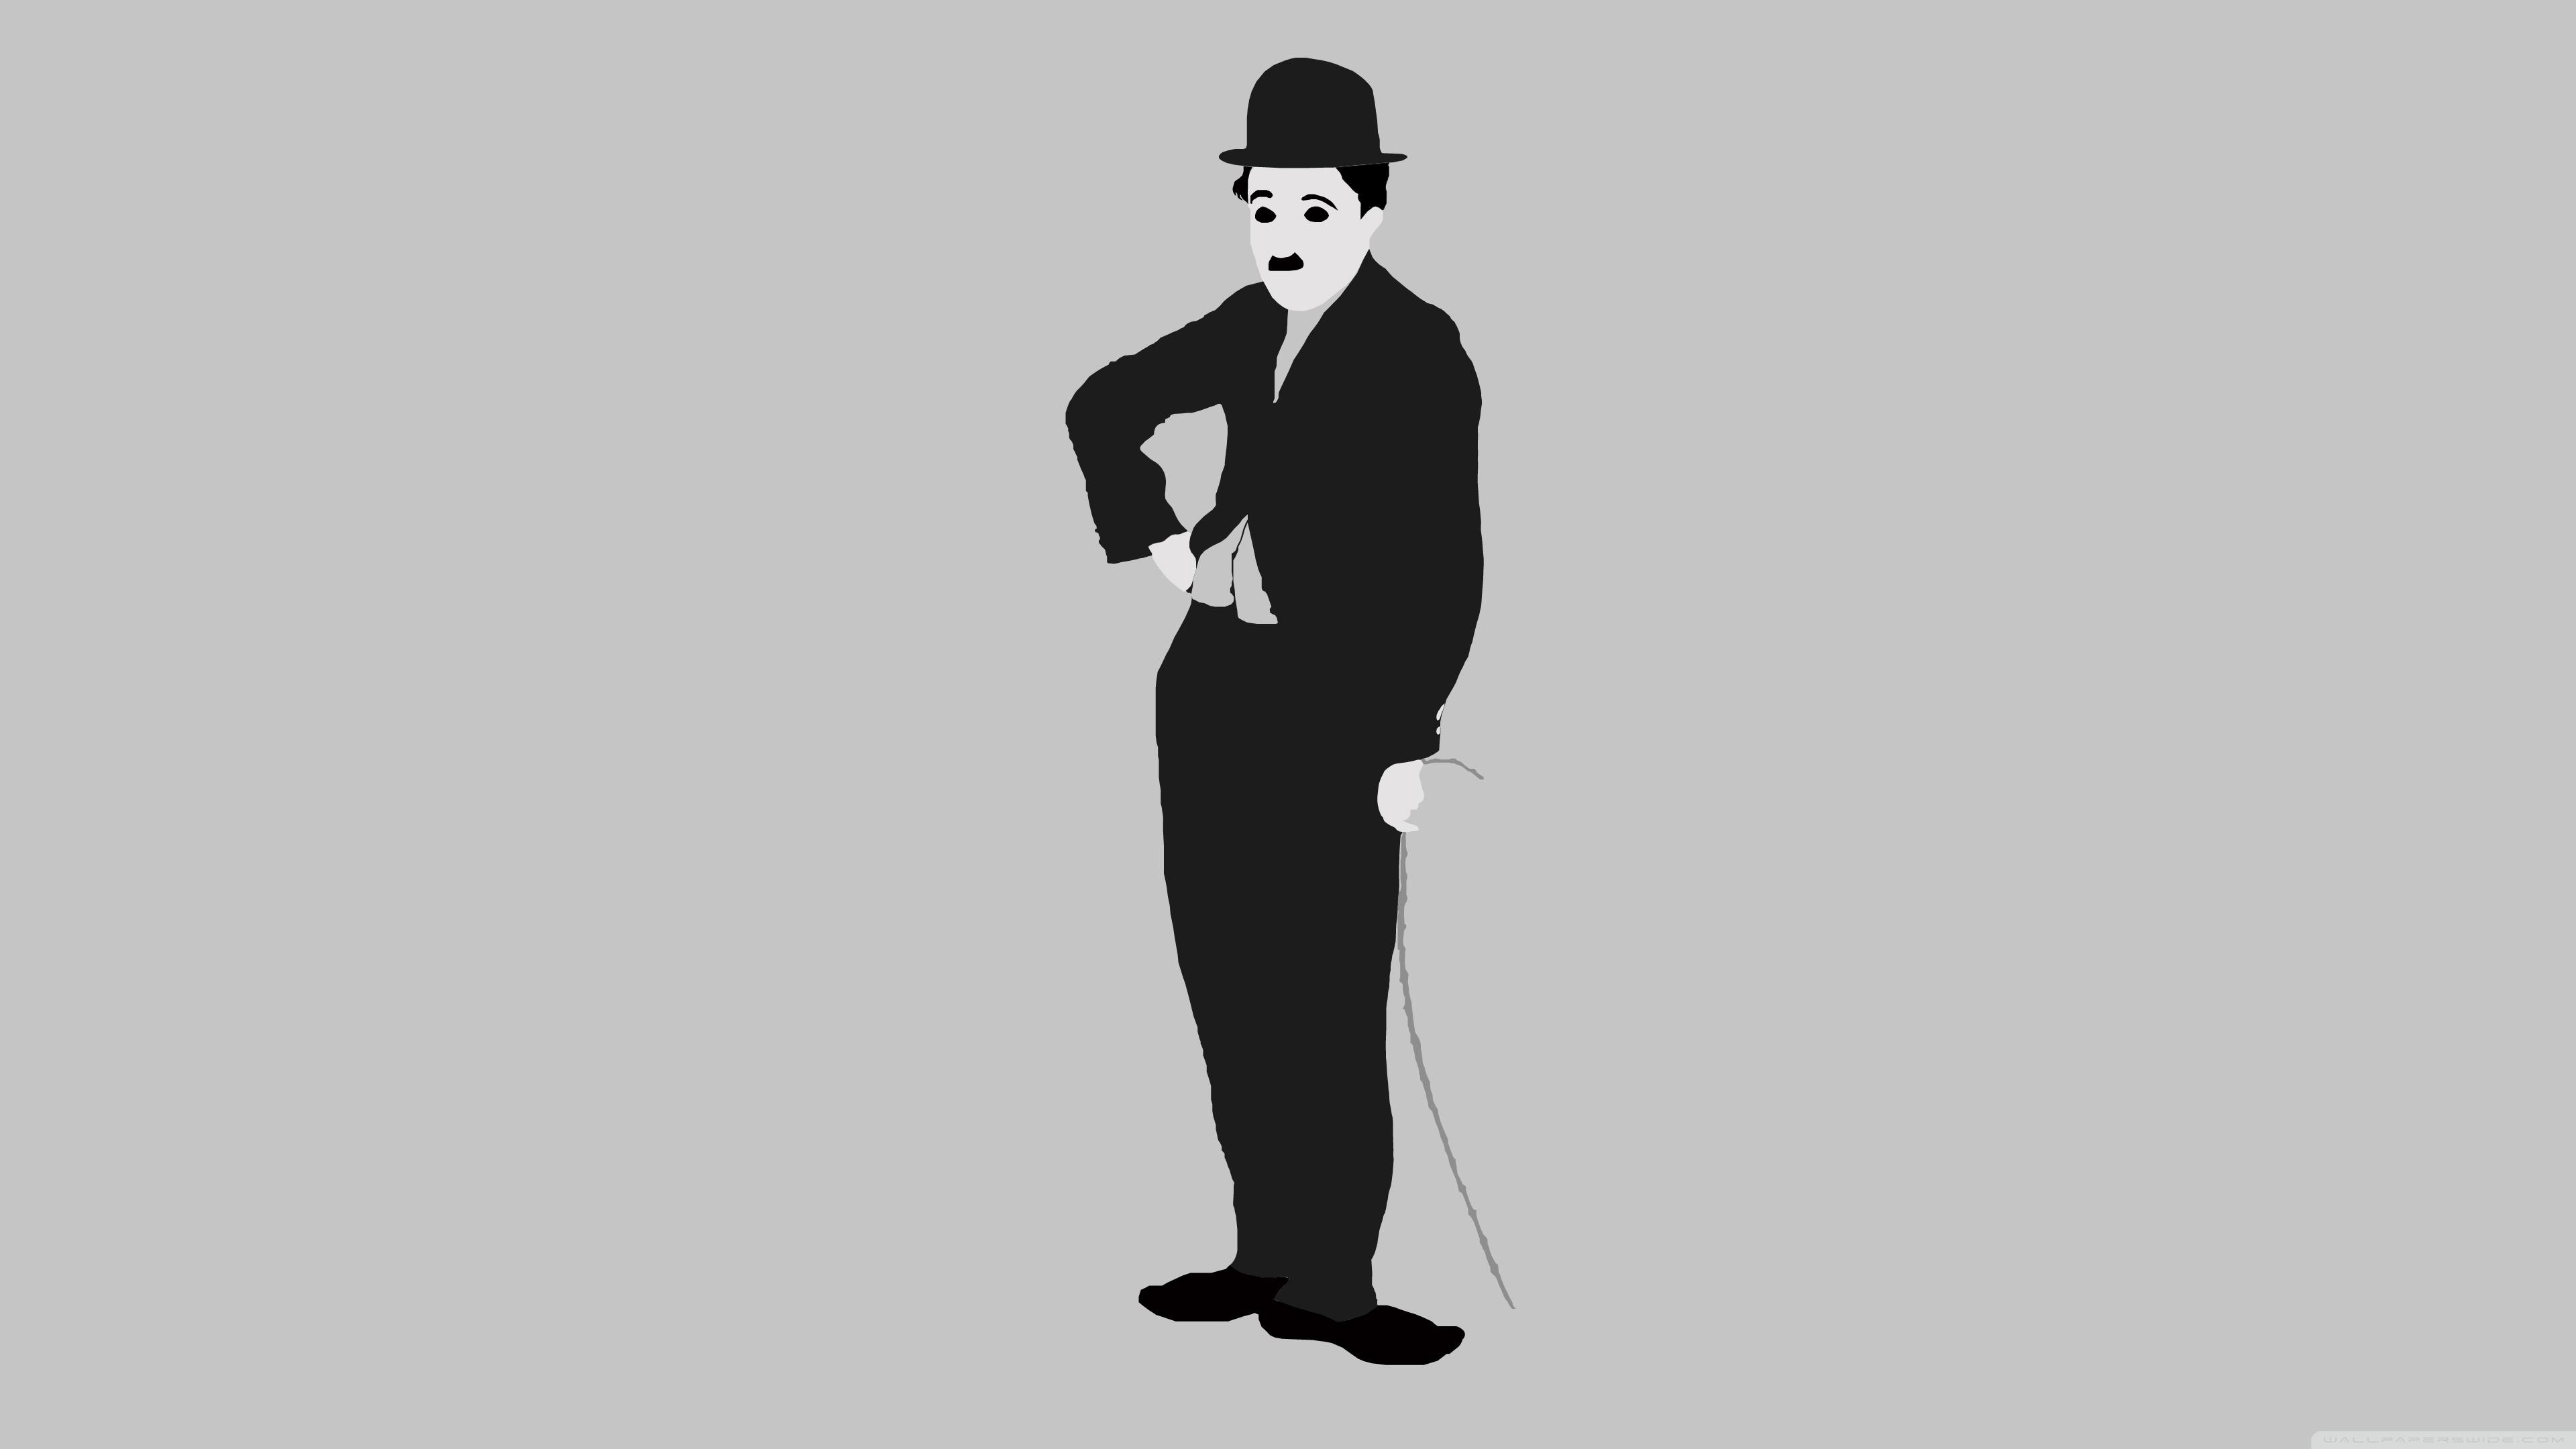 Charlie Chaplin Wallpaper 9   3840 X 2160 stmednet 3840x2160